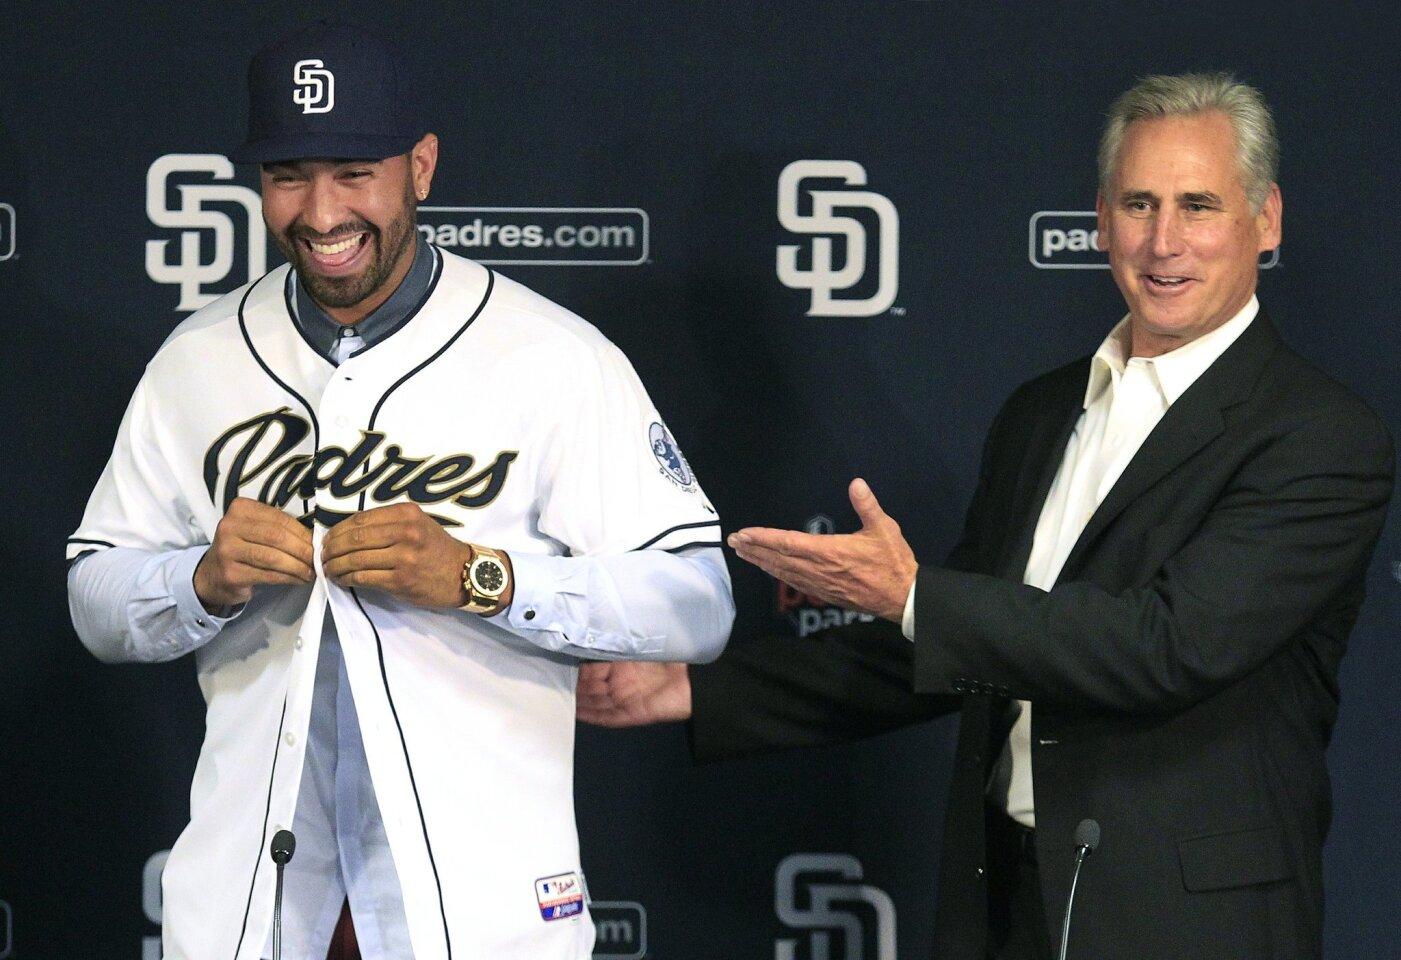 Matt Kemp is a San Diego Padre